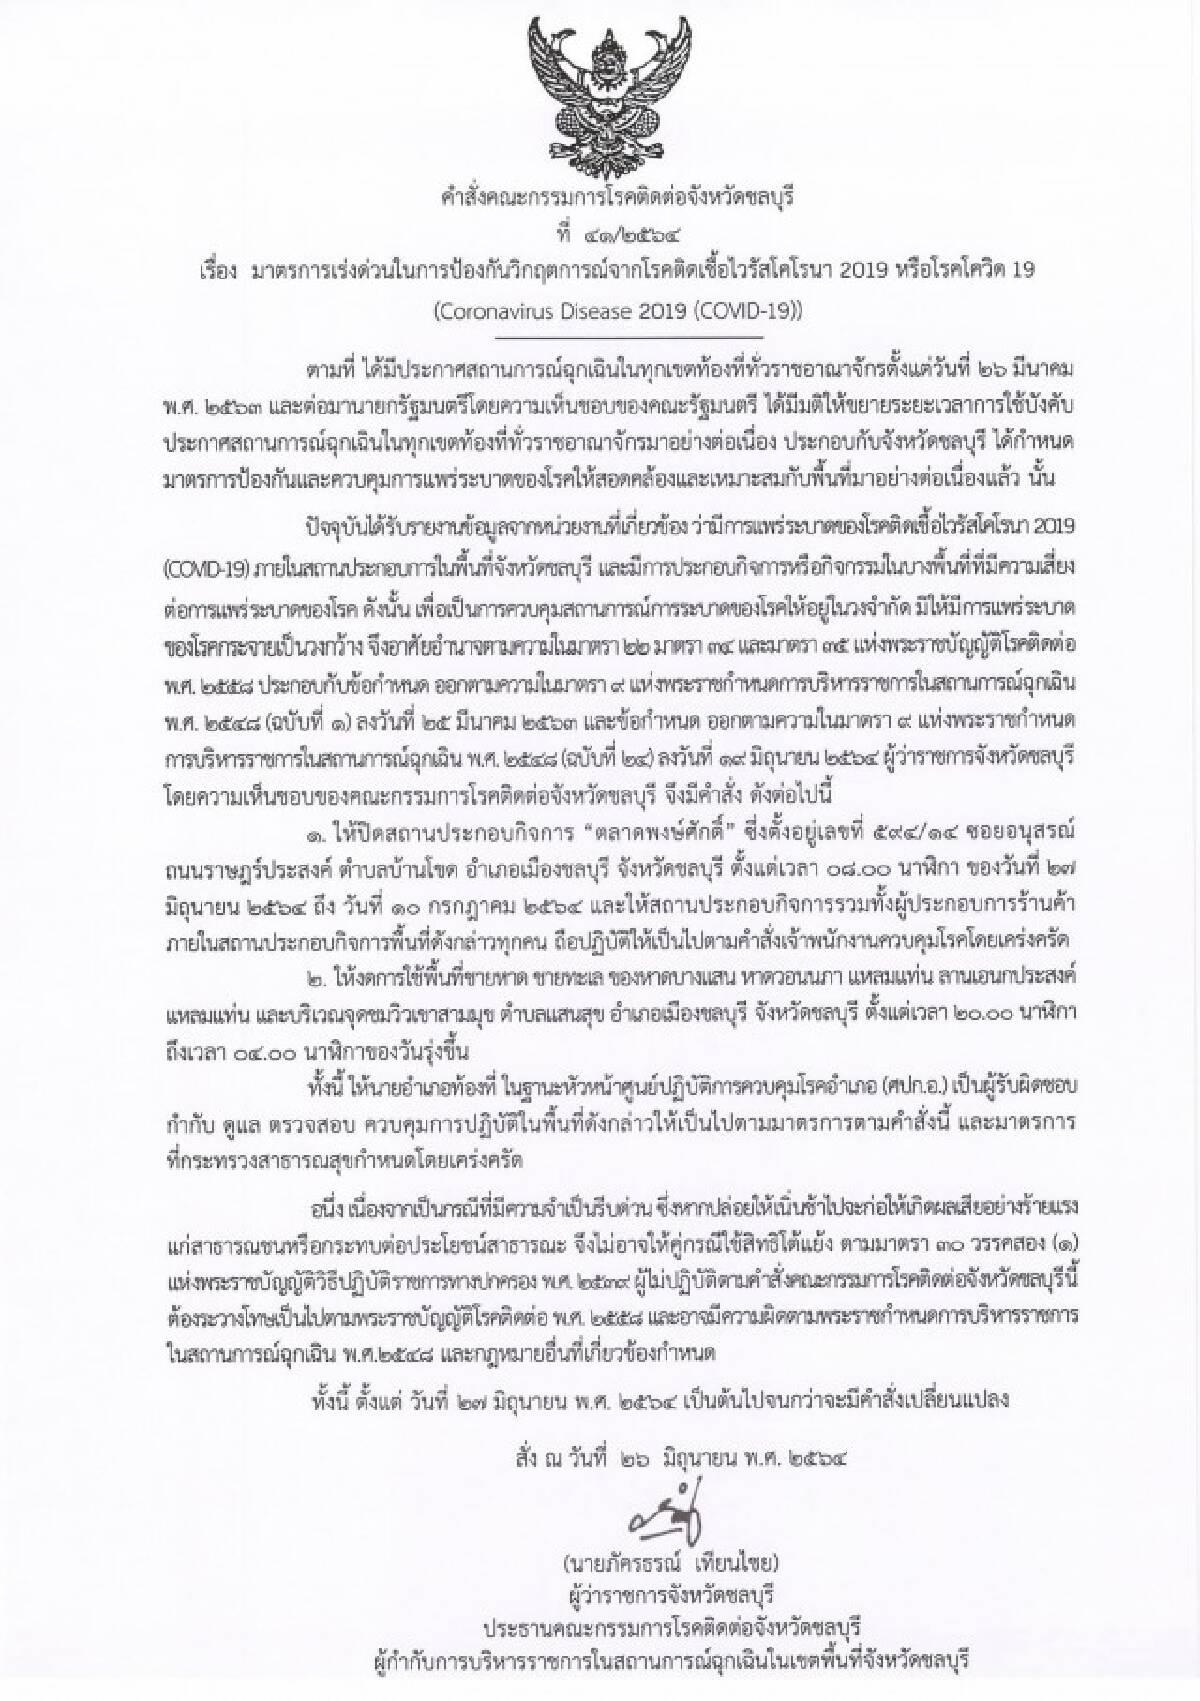 """""""ชลบุรี"""" ติดโควิดเพิ่ม 155 ราย สั่งปิด """"ตลาดพงษ์ศักดิ์"""" งดใช้พื้นที่ชายหาดยามวิกาล"""